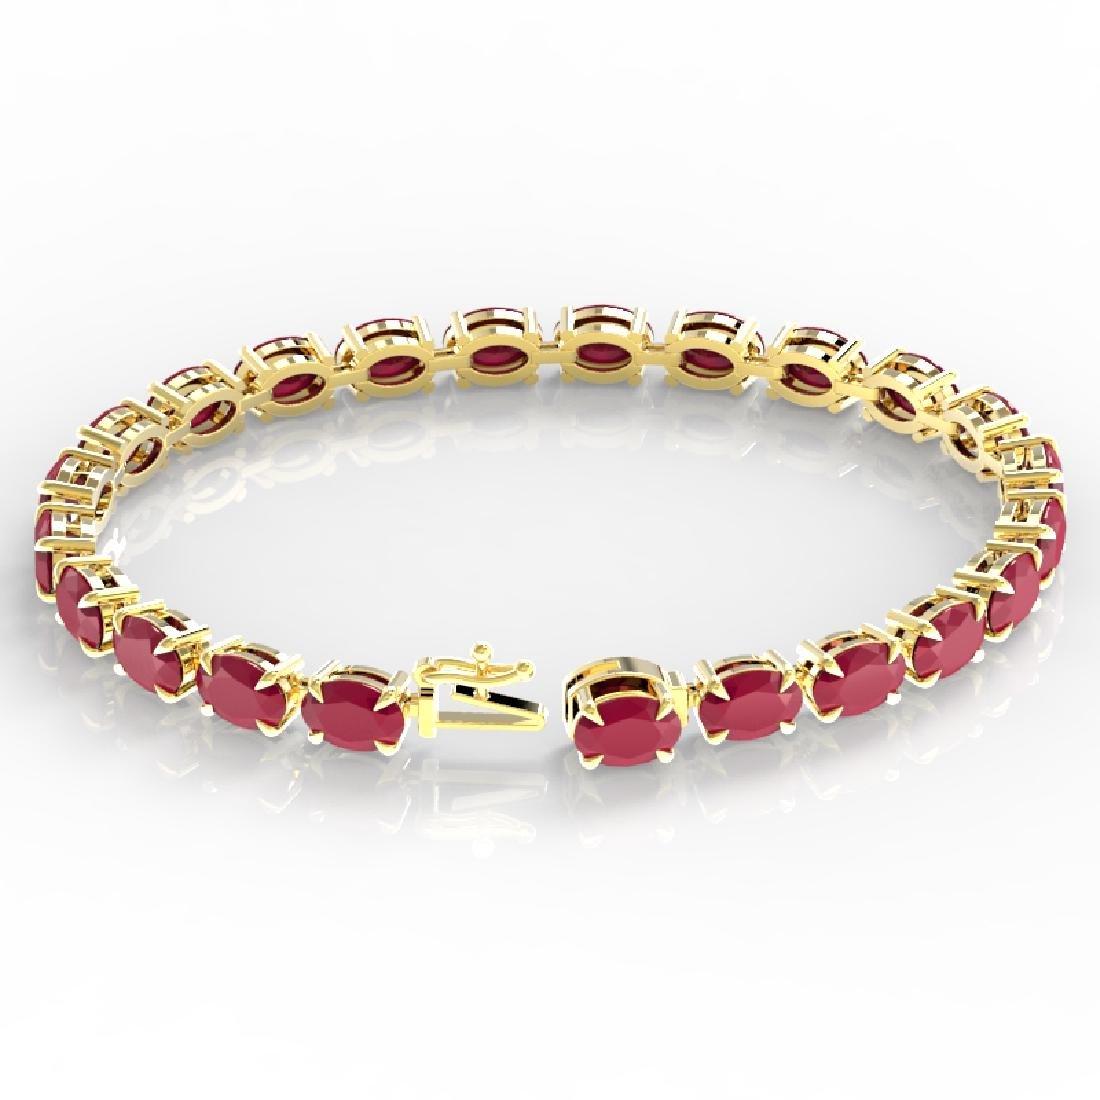 29 CTW Ruby Eternity Designer Inspired Tennis Bracelet - 3